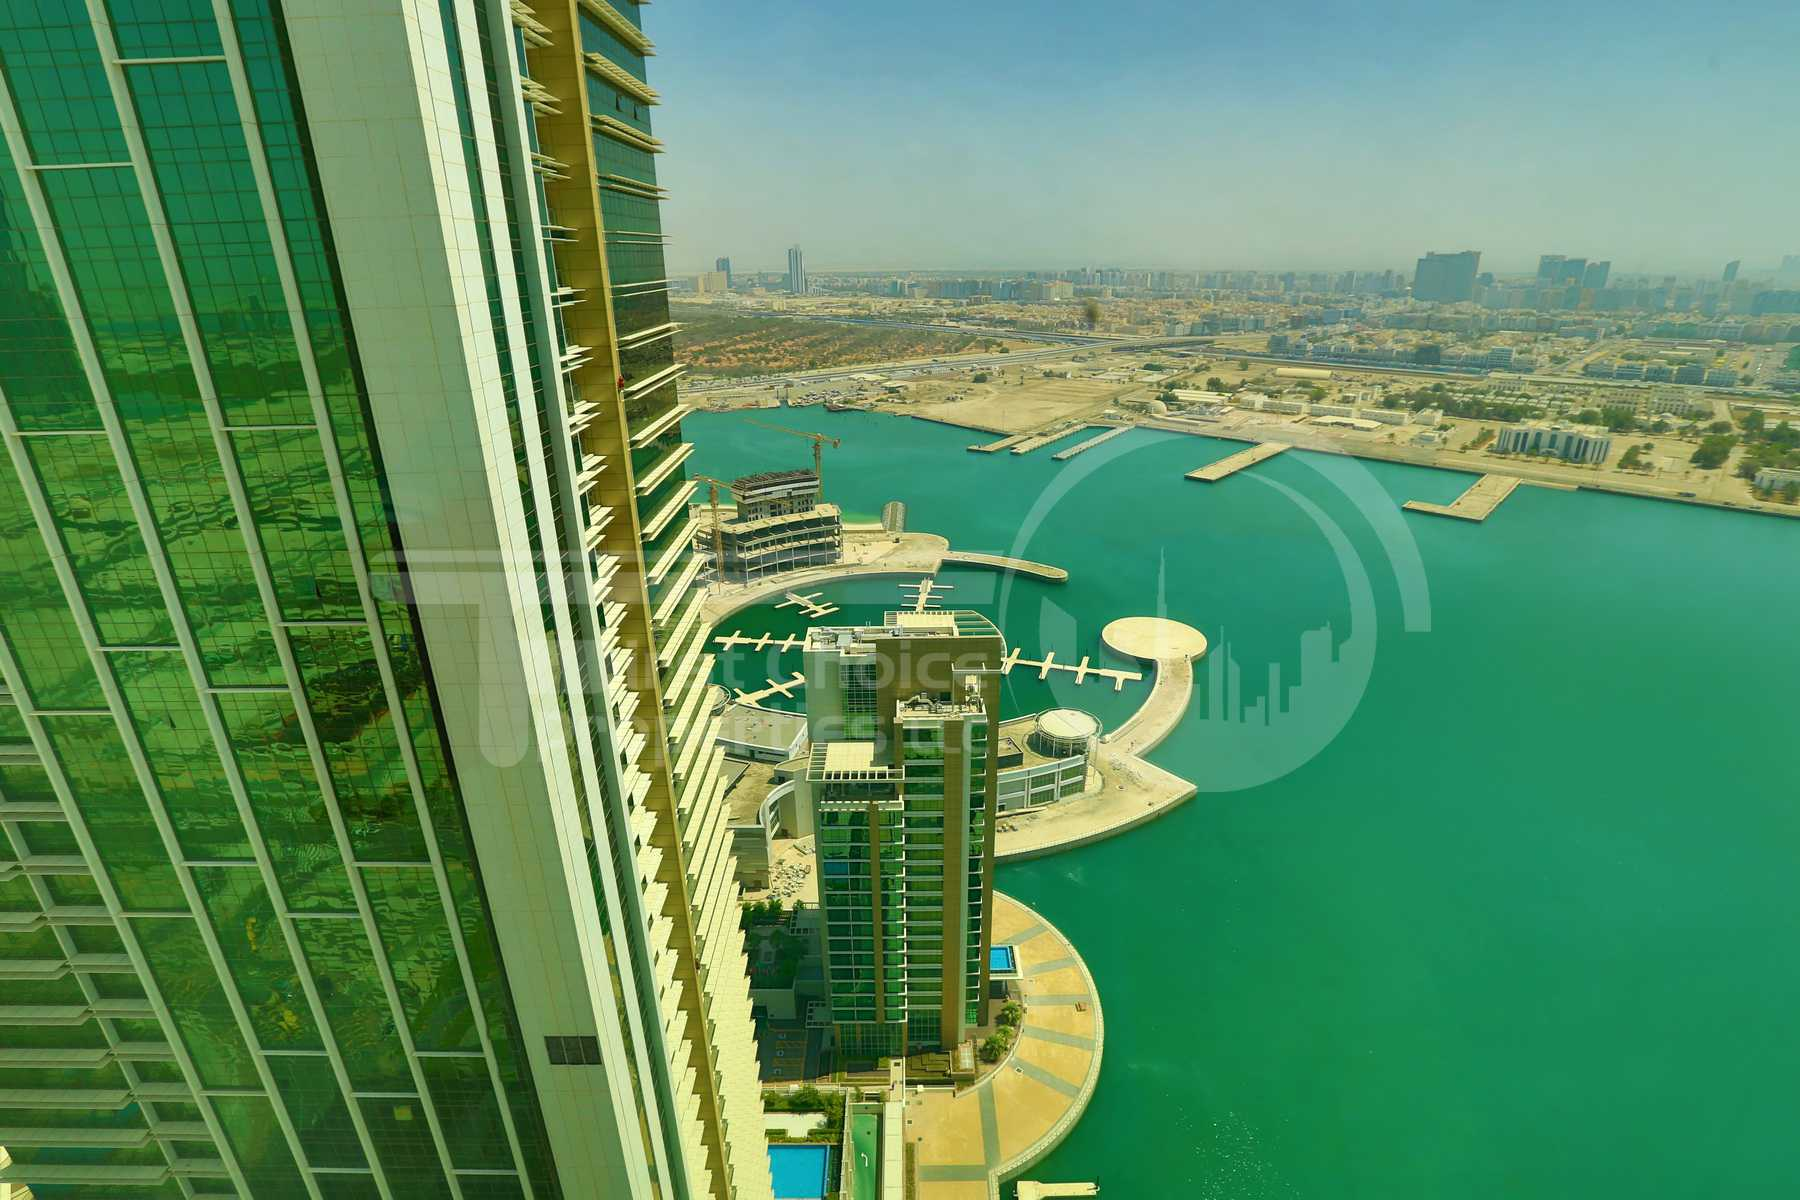 2 Bedroom Apartment - Abu Dhabi - UAE - Ocean Terrace - Al Reem Island (35).jpg